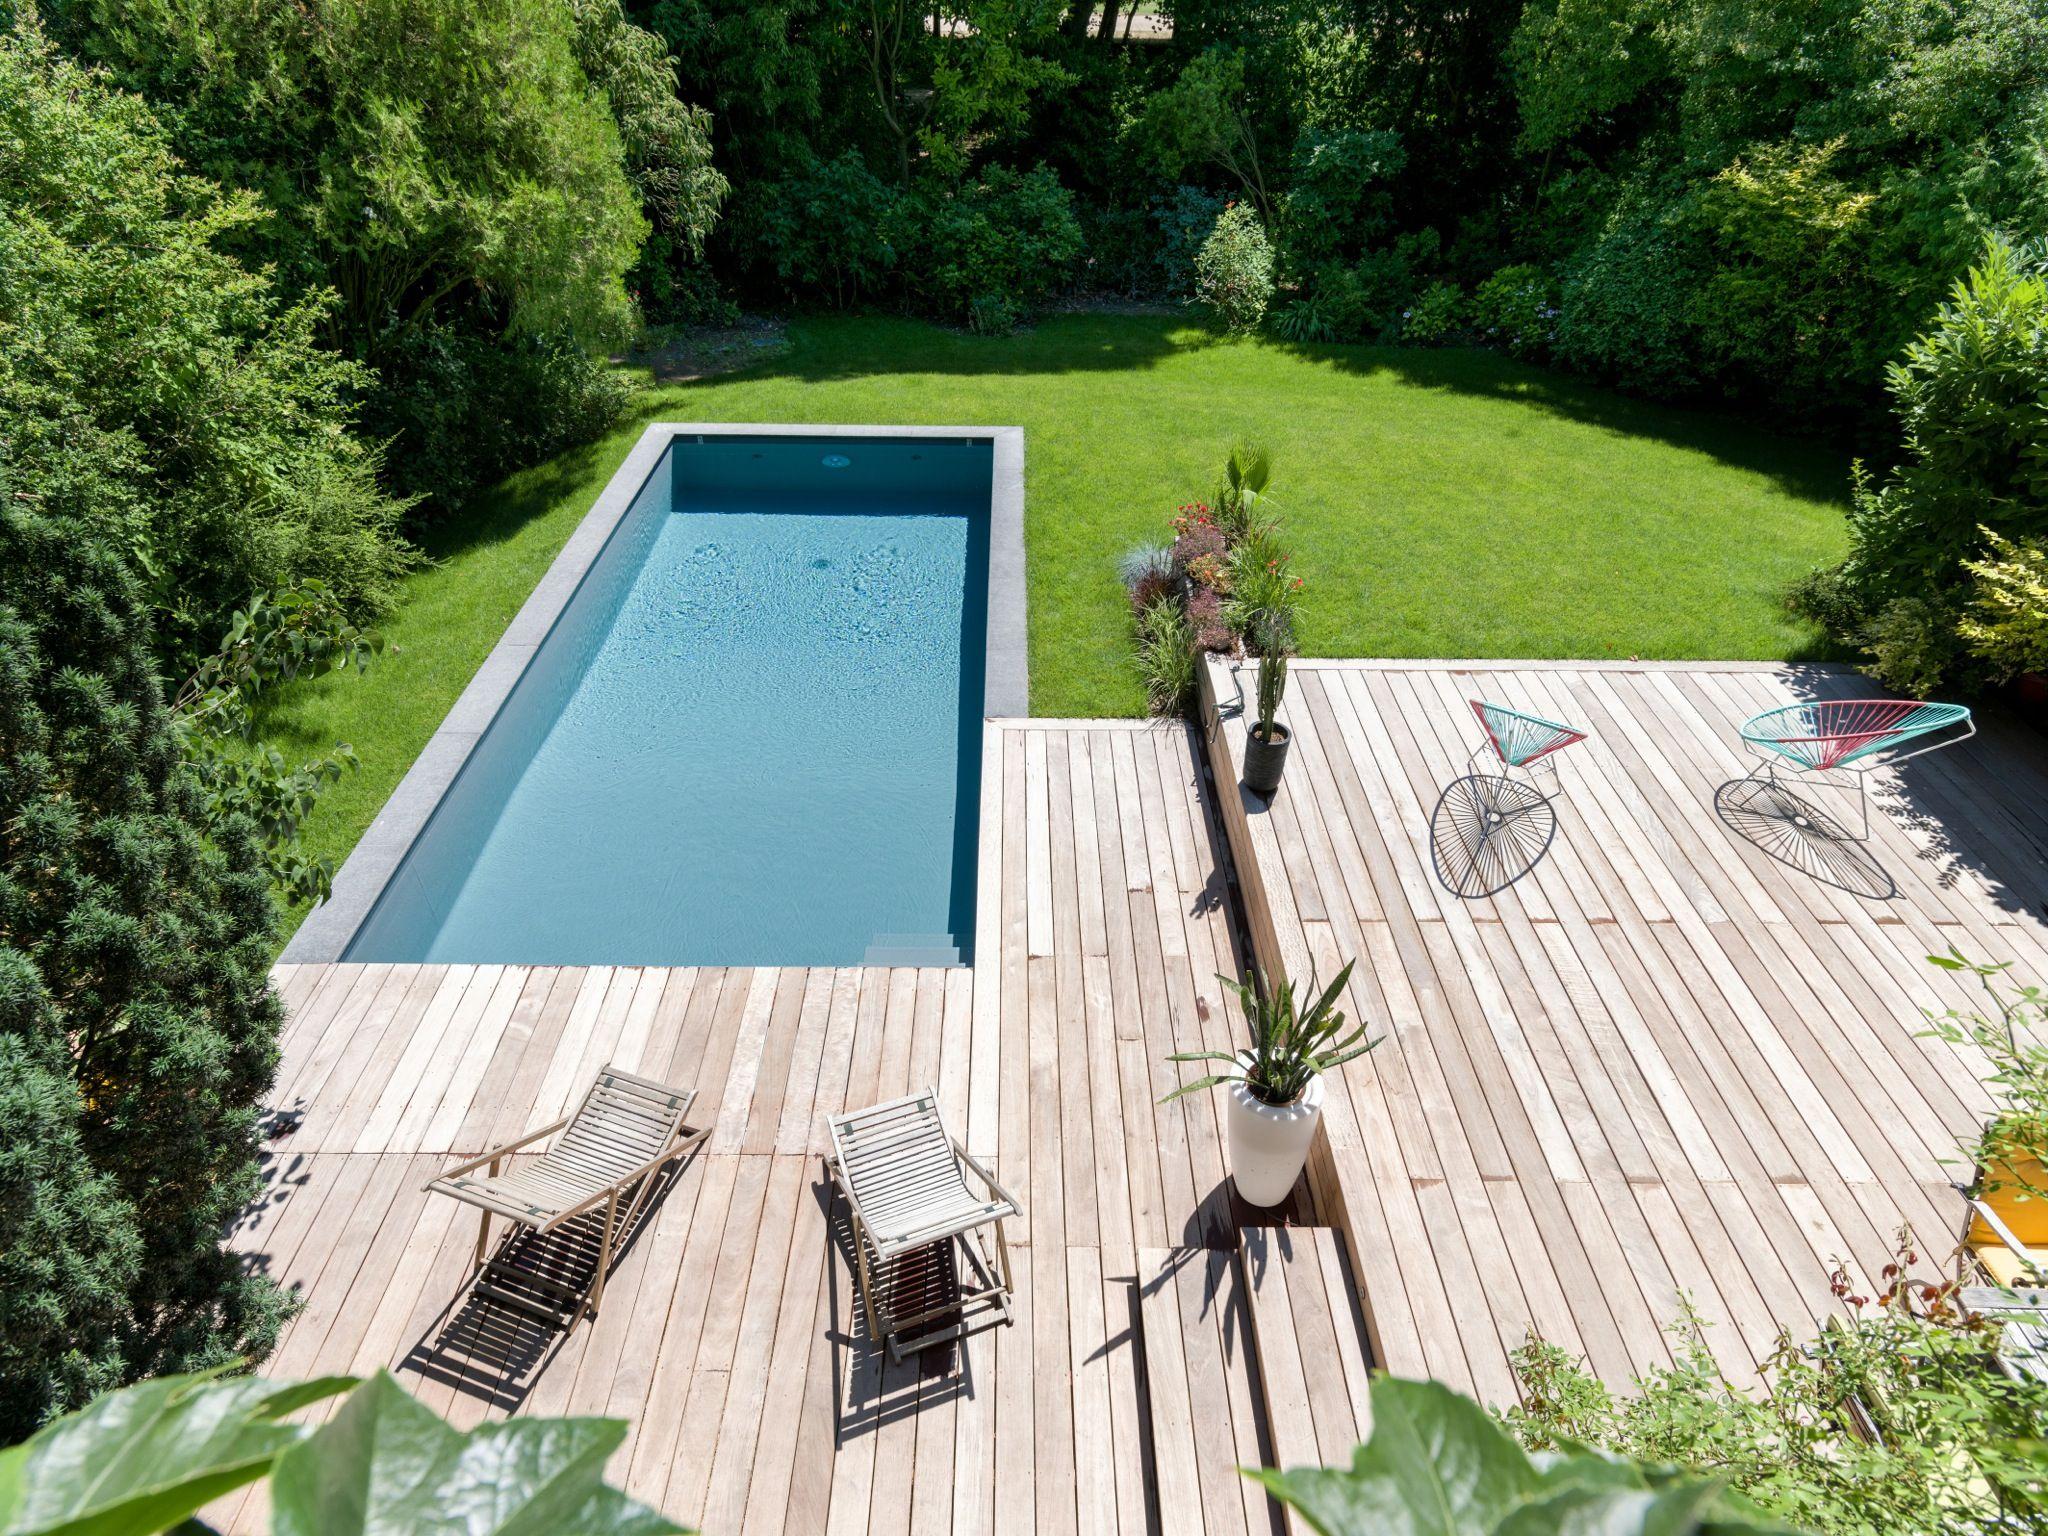 L 39 esprit familial par l 39 esprit piscine 8 x 3 50m fond en for Volet piscine immerge fond de bassin